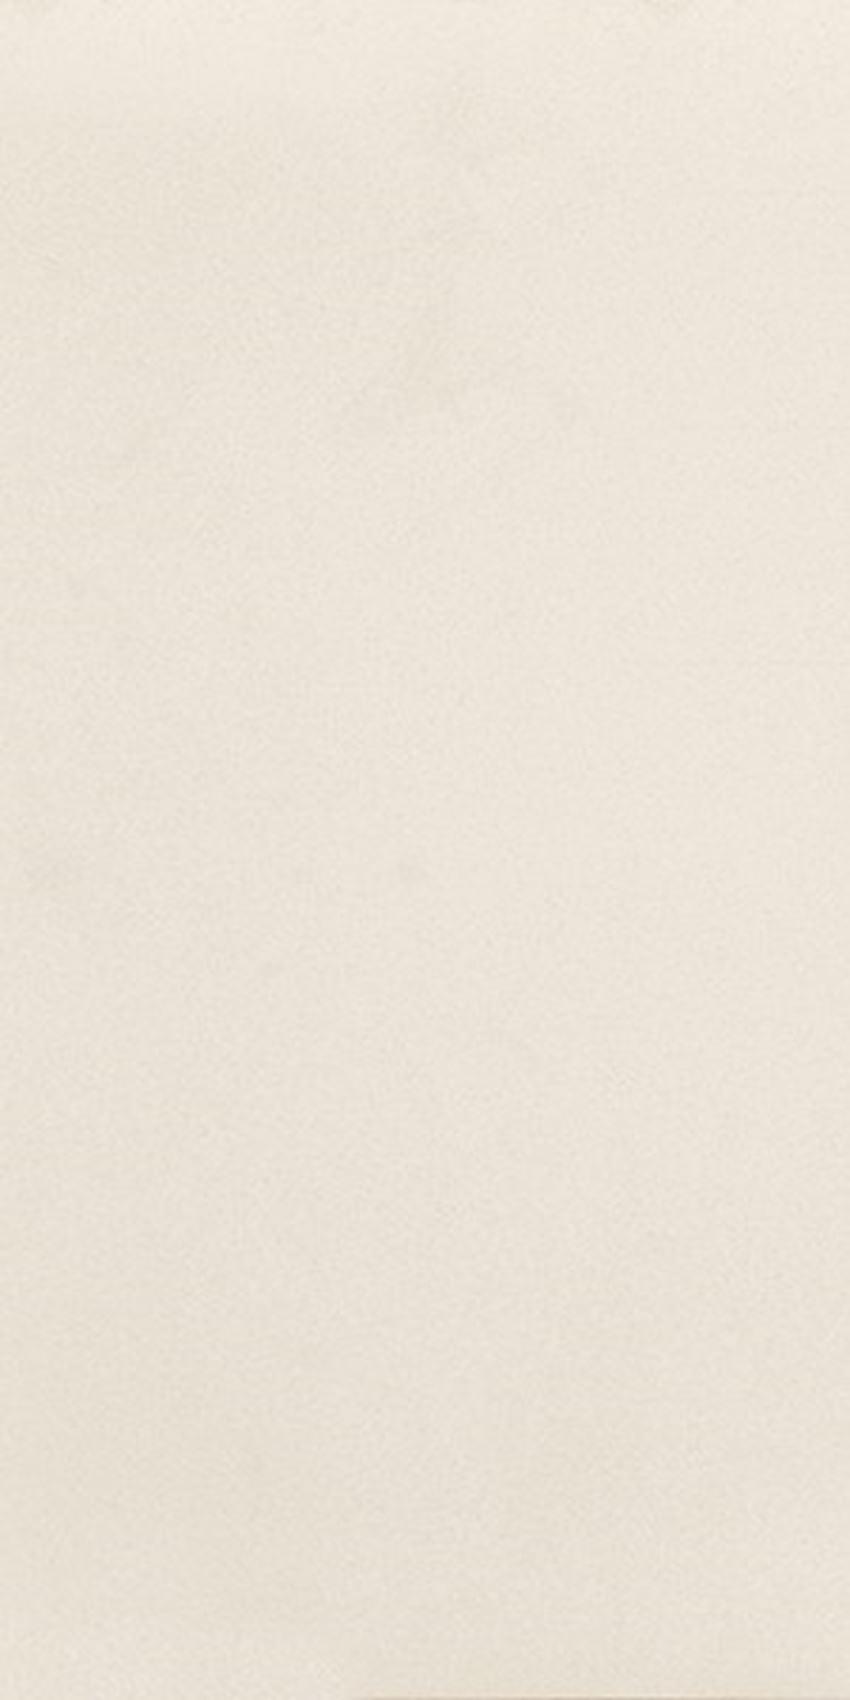 Płytka uniwersalna 29,7x59,7 cm Nowa Gala Monotec MT 01